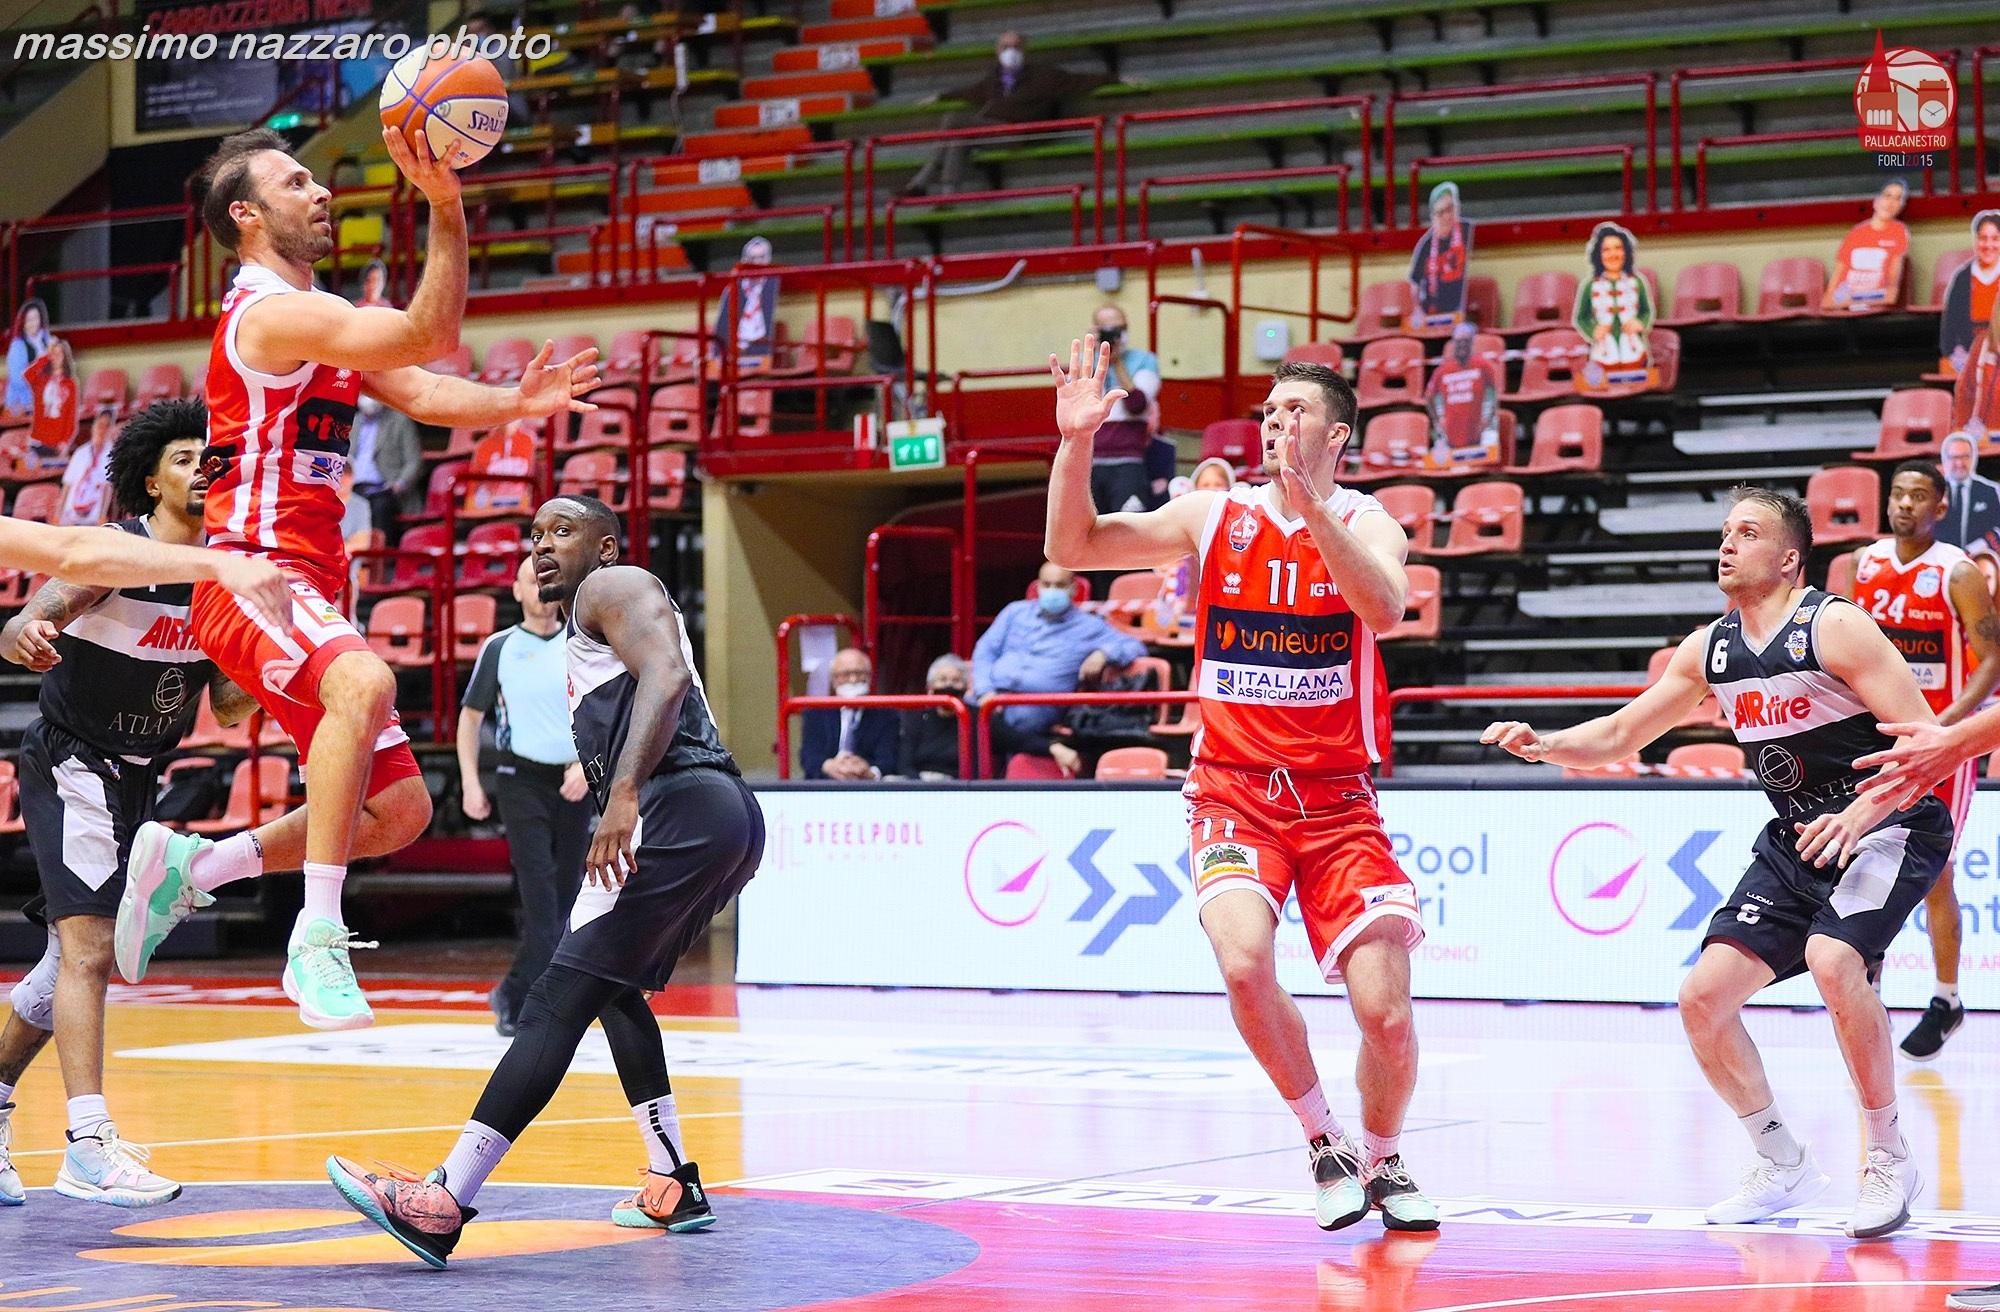 Basket-Unieuro-Eurobasket-Roma